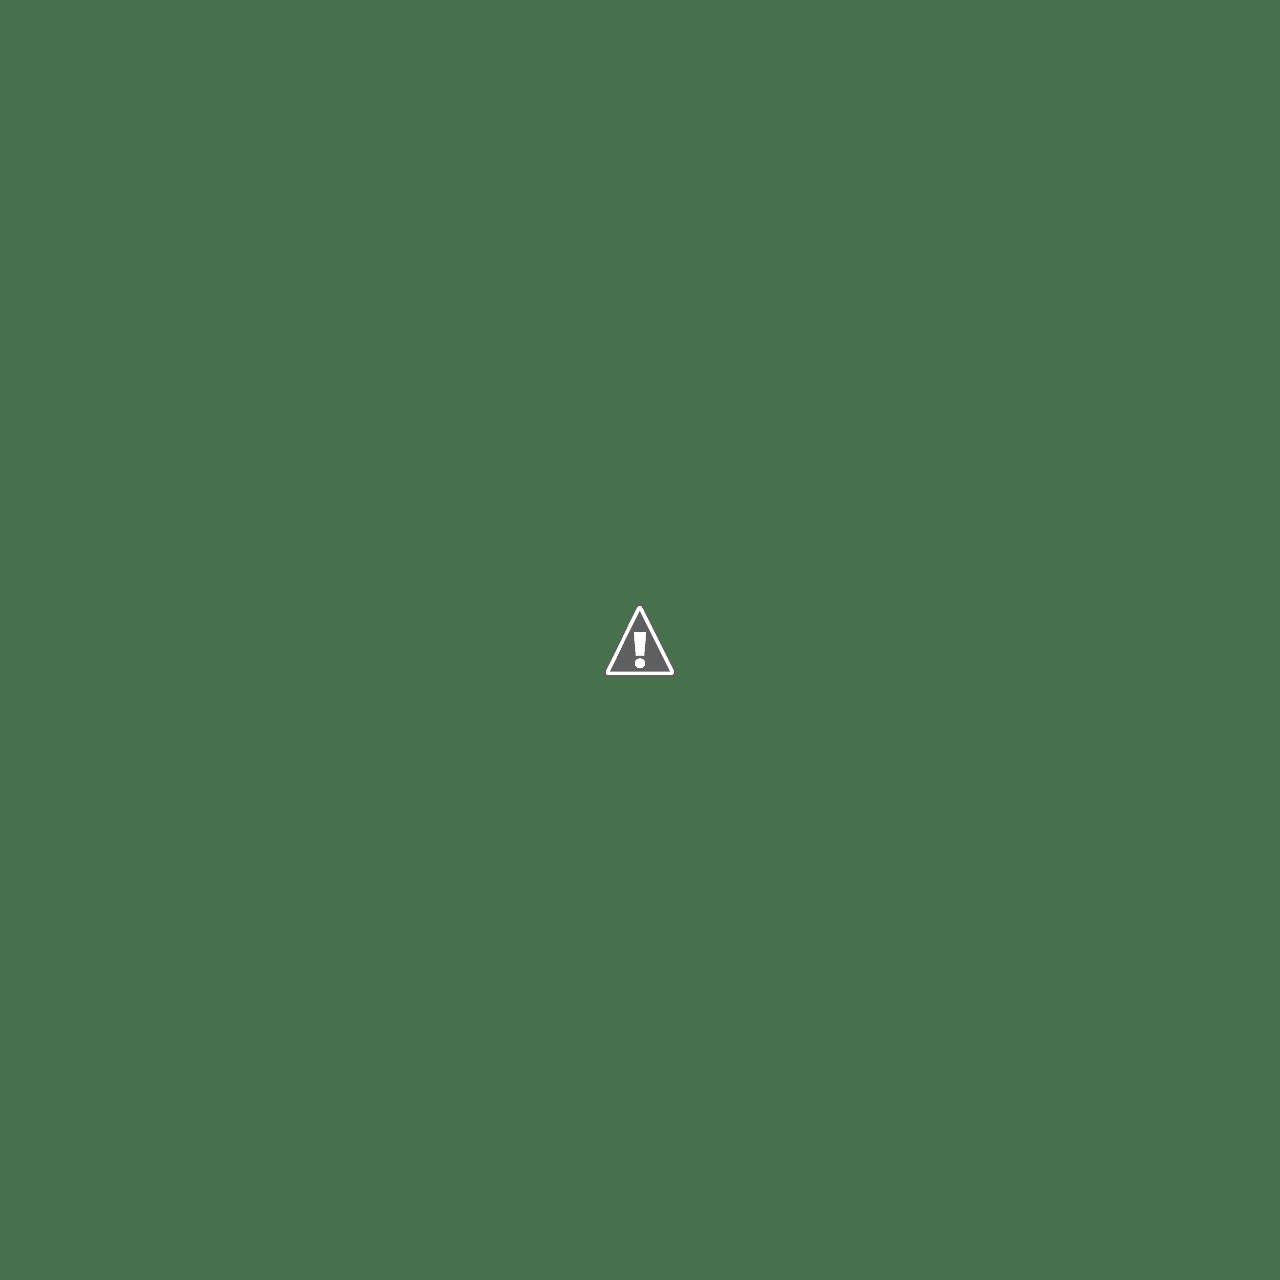 REPARACIÓN DE SILLAS OFICINA MANTENIMIENTO GIRATORIA ERGONÓMICAS ...